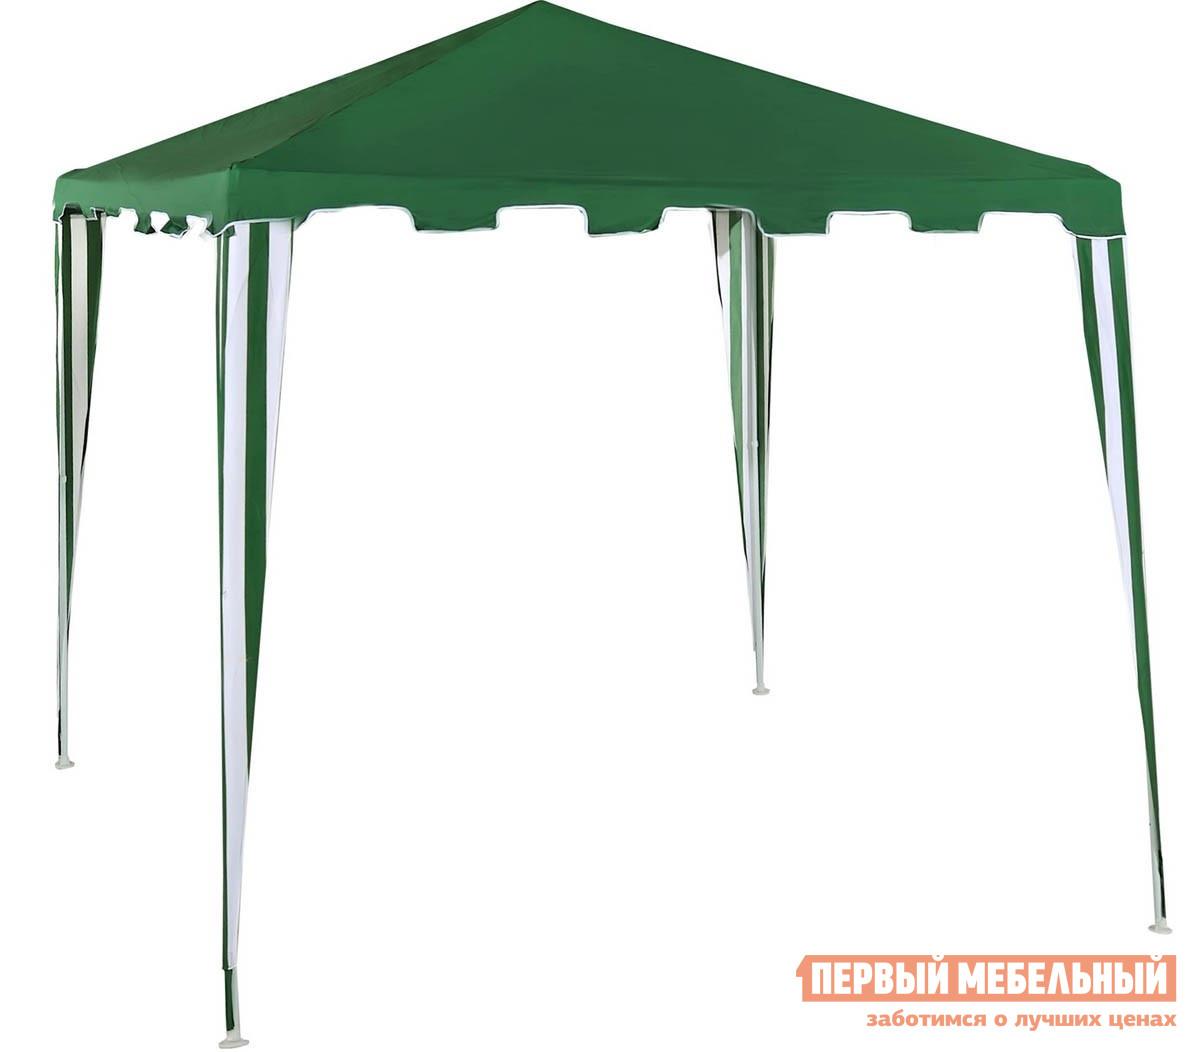 Шатер для дачи Green Glade Green Glade 1018 ЗеленыйШатры для дачи<br>Габаритные размеры ВхШхГ 2500x3000x3000 мм. Если вы обожаете расслабляться на природе или любите встречать гостей в летний теплый вечер у себя на даче, то этот шатер для вас.  Эта модель будет отлично смотреться на участке любого размера.  Прекрасный отдых на воздухе и позитивное настроение гарантированы с этой моделью тента. Тент из материала полиэстер 140 грамм без пропитки с водоотталкивающими характеристиками.  Тент непригоден для применения в сильную непогоду. Размер по нижнему периметру 3 х 3 м. Размер по верхнему периметру 2,4 х 2,4 м. Сложенный размер шатра: 115 х 13 х 17 см. Стойки конструкции не требуют вкапывания.  Данная модель устанавливается на бетон и закрепляется растяжкой, входящей в комплект.<br><br>Цвет: Зеленый<br>Высота мм: 2500<br>Ширина мм: 3000<br>Глубина мм: 3000<br>Кол-во упаковок: 1<br>Форма поставки: В разобранном виде<br>Срок гарантии: 6 месяцев<br>Тип: Разборные<br>Материал: Металл<br>Форма: Квадратные<br>Размер: 3х3